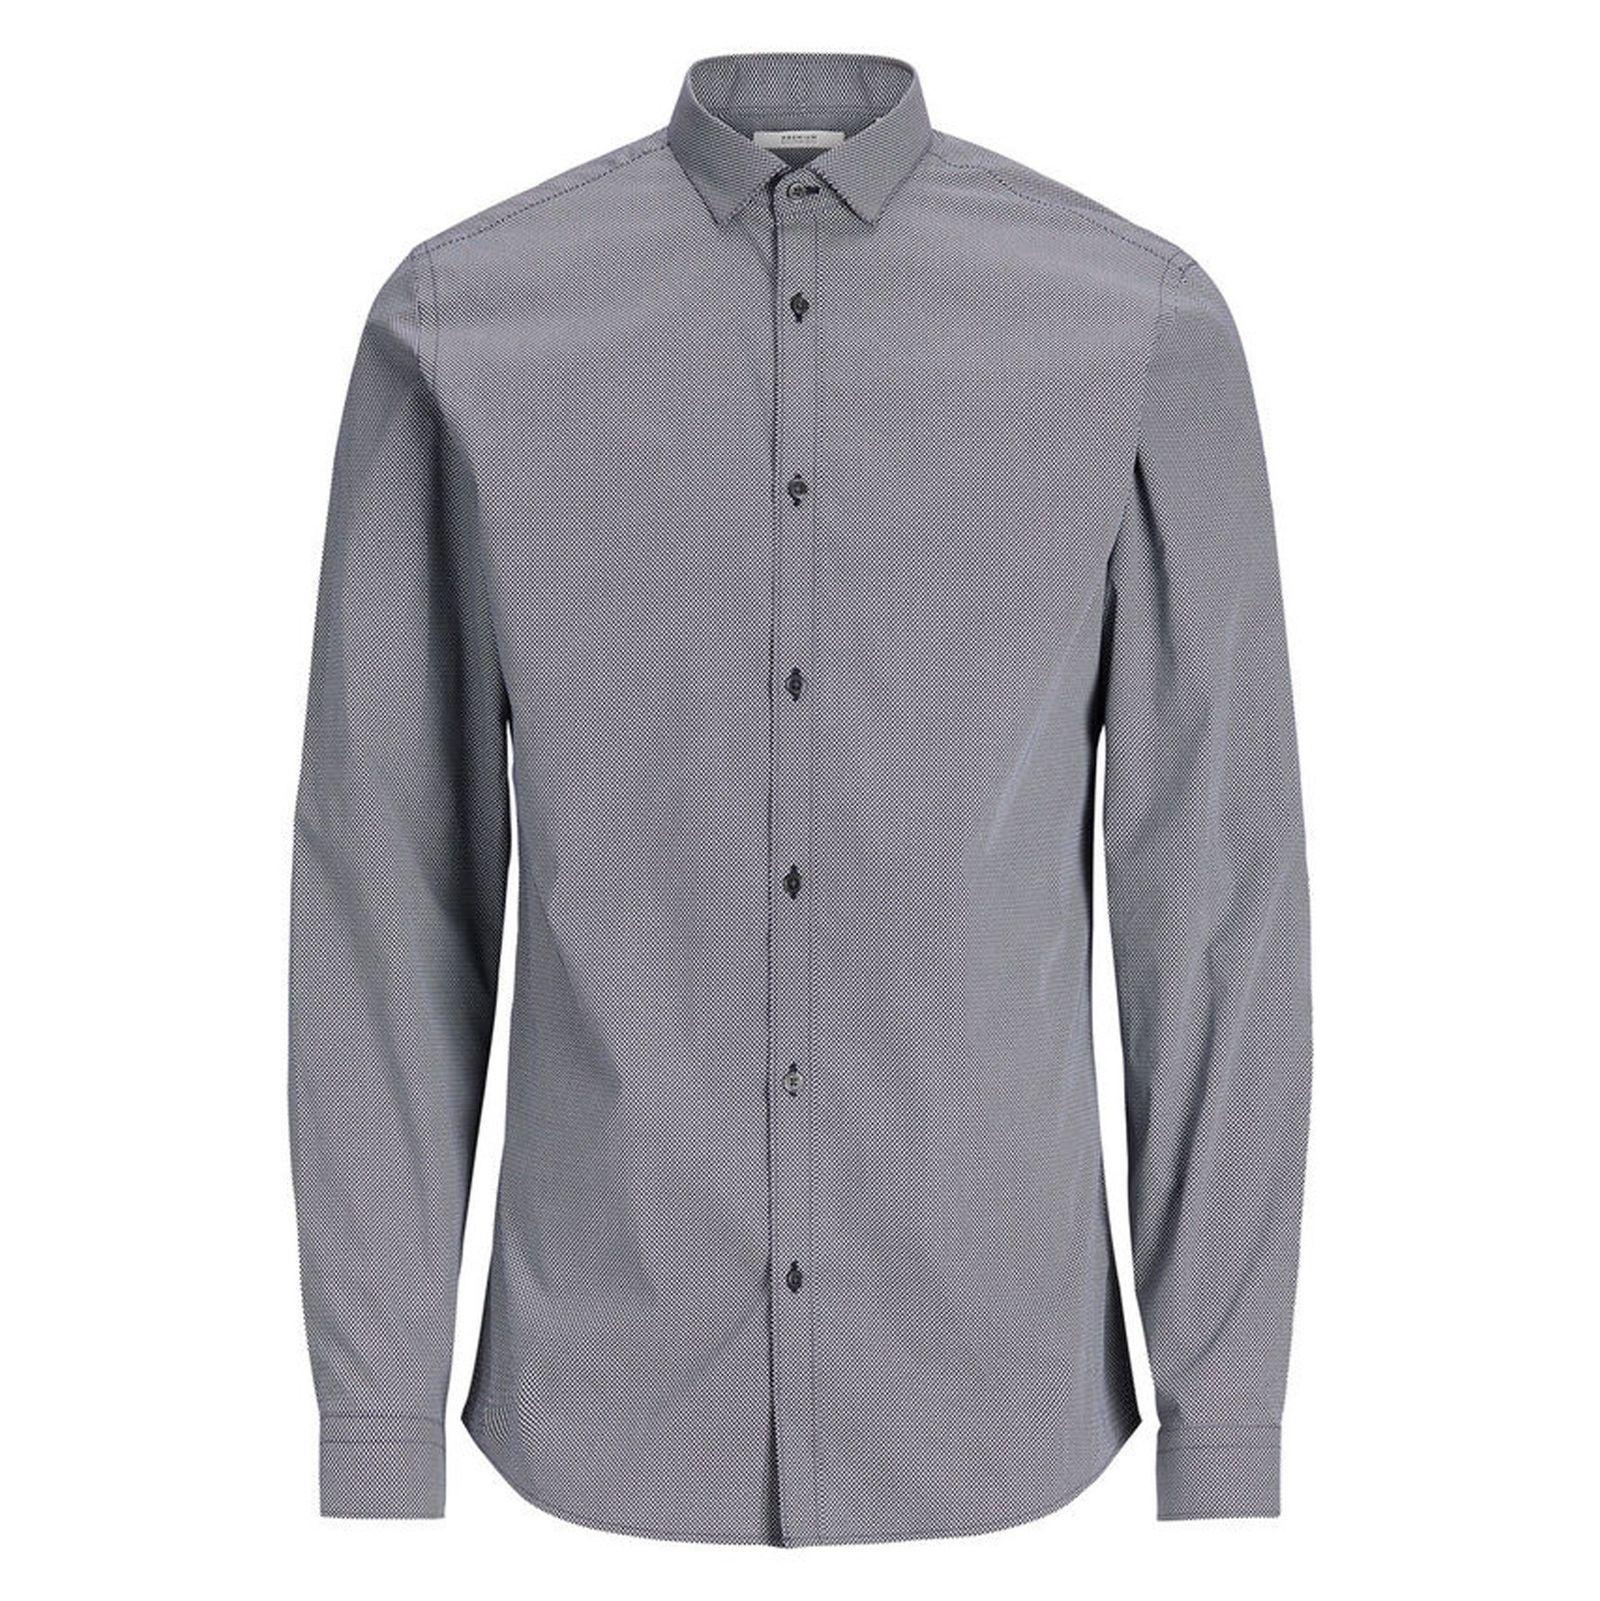 پیراهن نخی آستین بلند مردانه - جک اند جونز - سرمه اي - 1